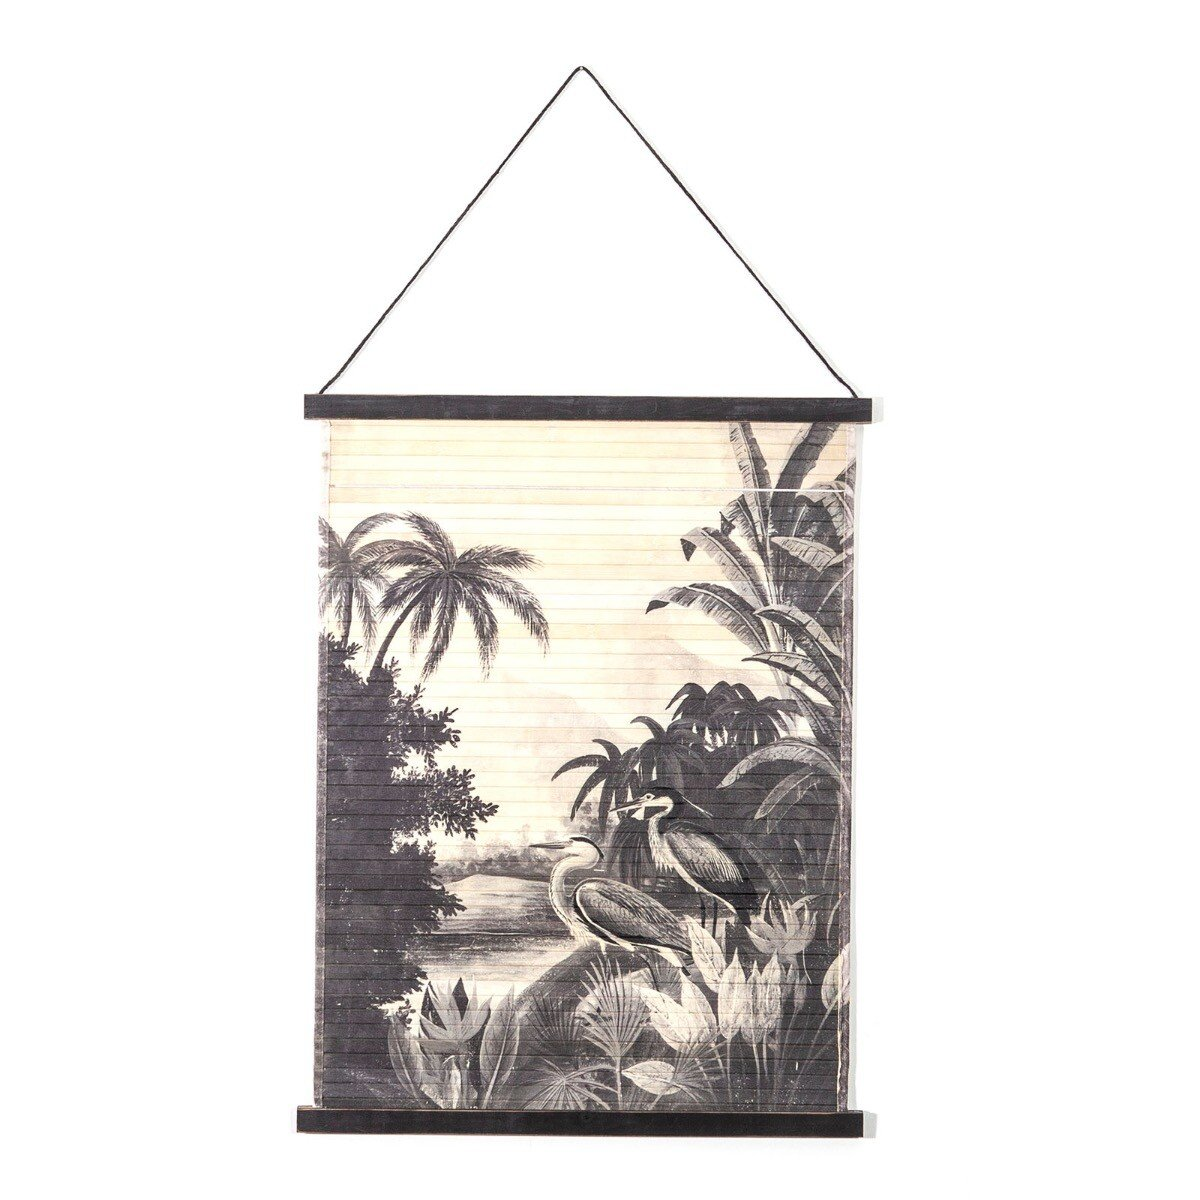 By Boo wandkleed miyagi jungle s 85 x 64 x 2